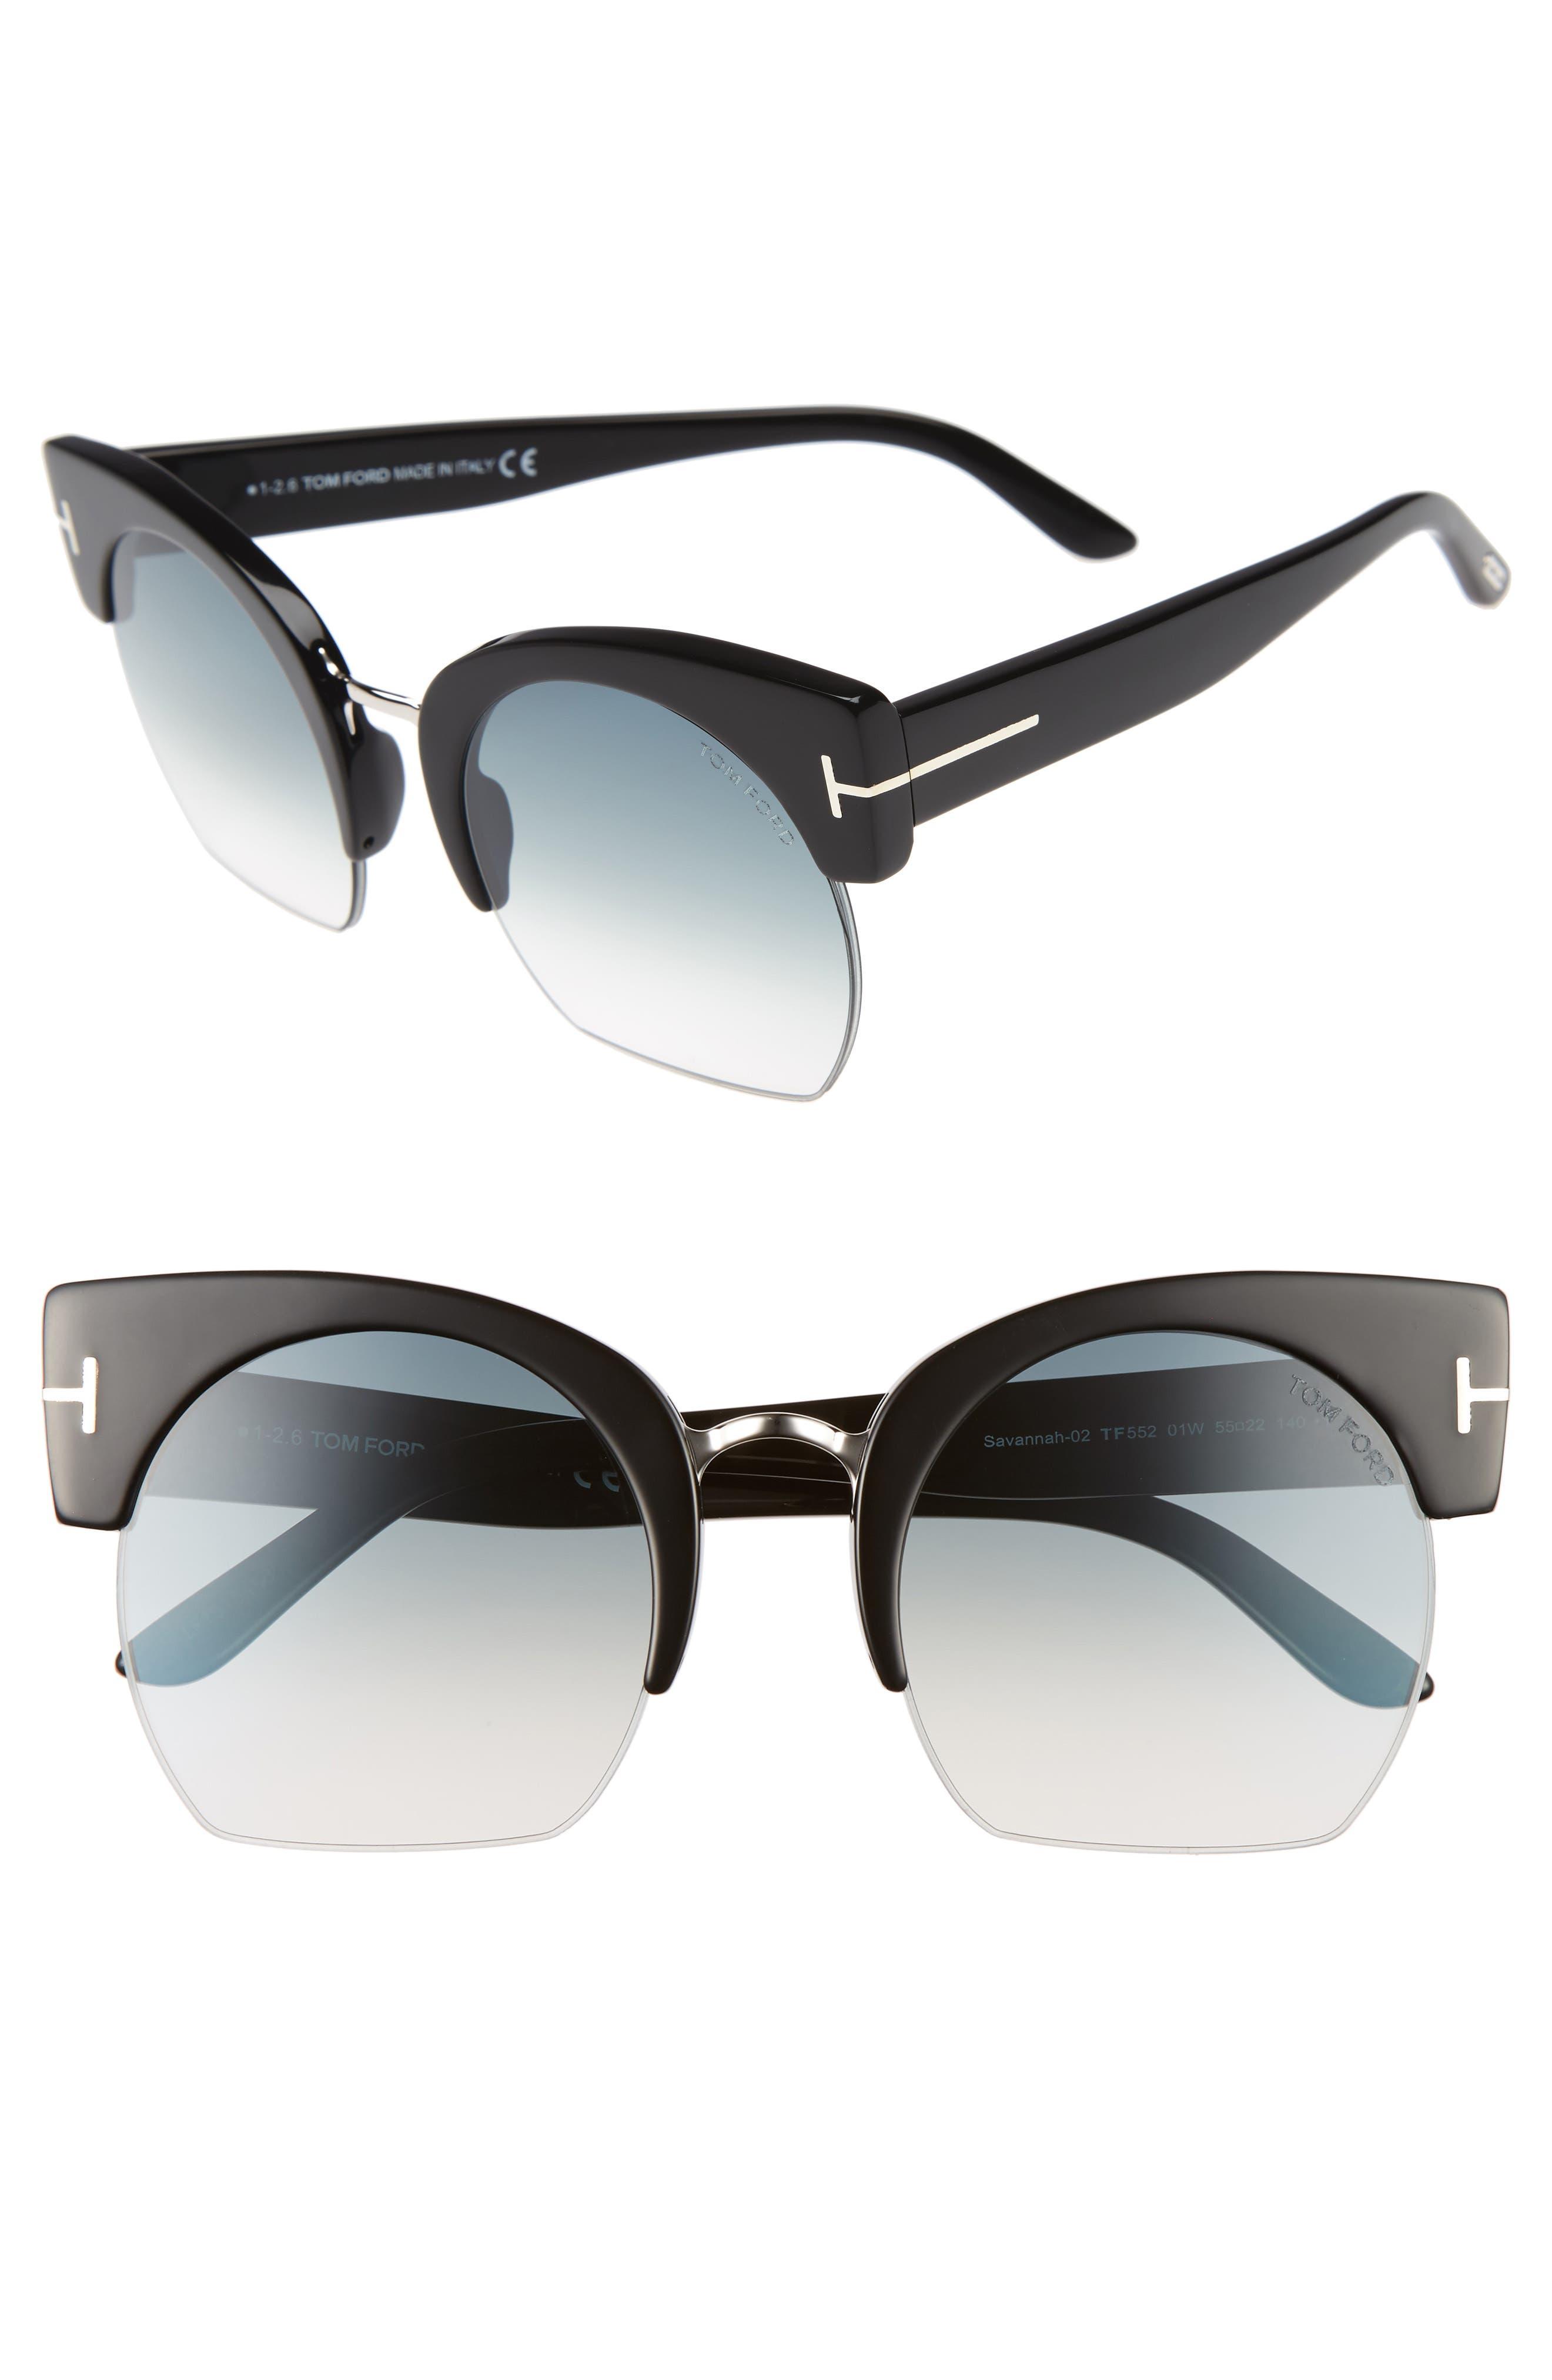 Main Image - Tom Ford Savannah 55mm Cat Eye Sunglasses